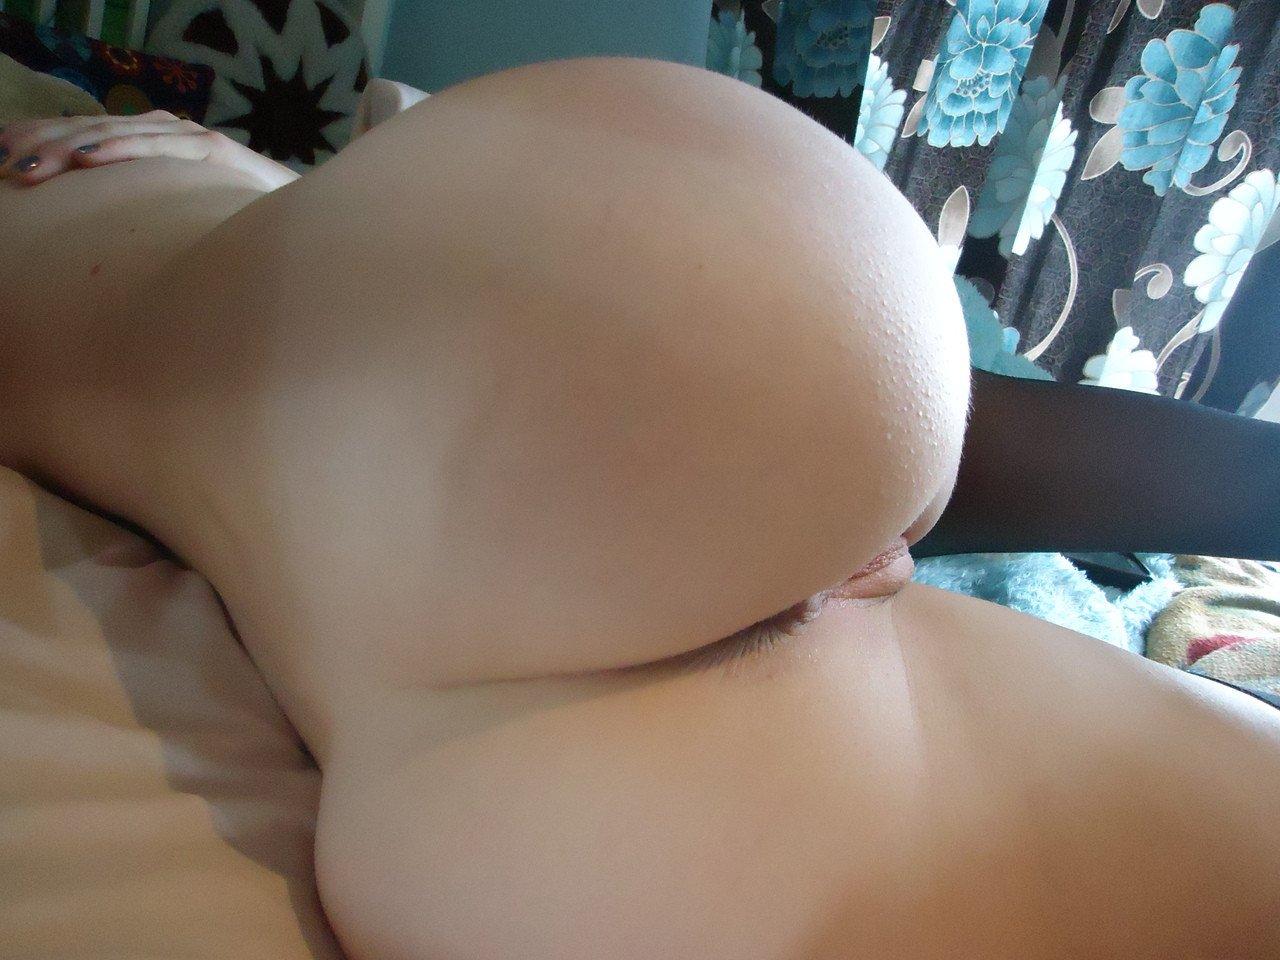 Un culo redondo perfecto